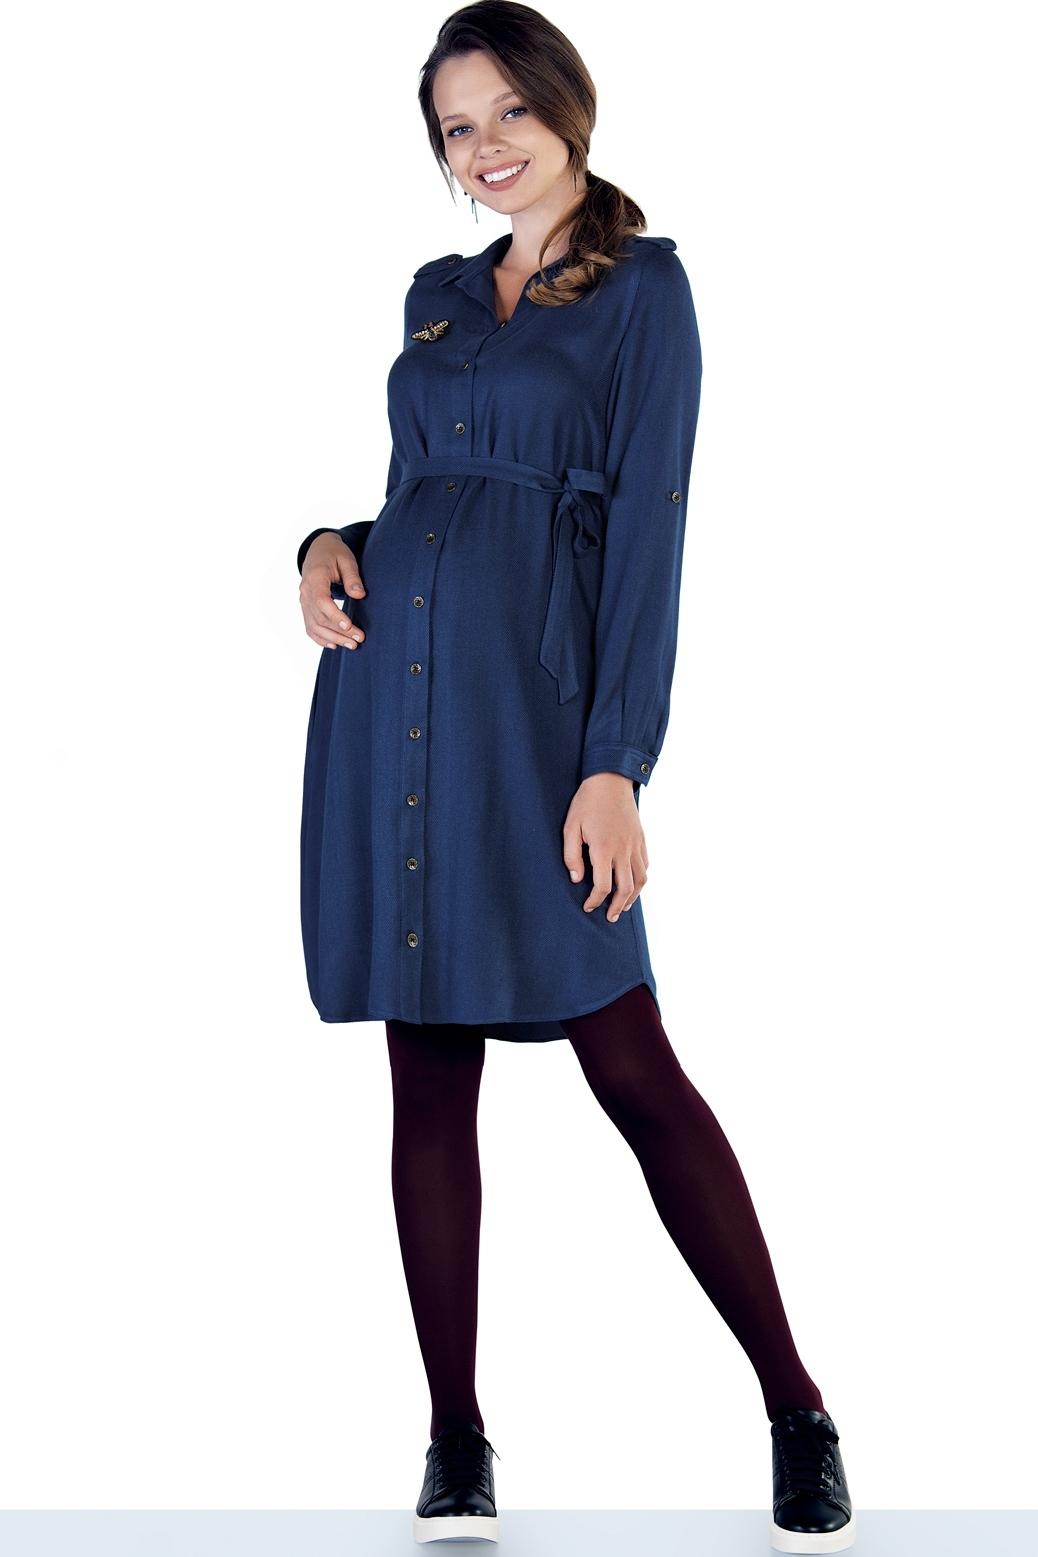 Фото платье-рубашка для беременных EBRU от магазина СкороМама, синий, размеры.